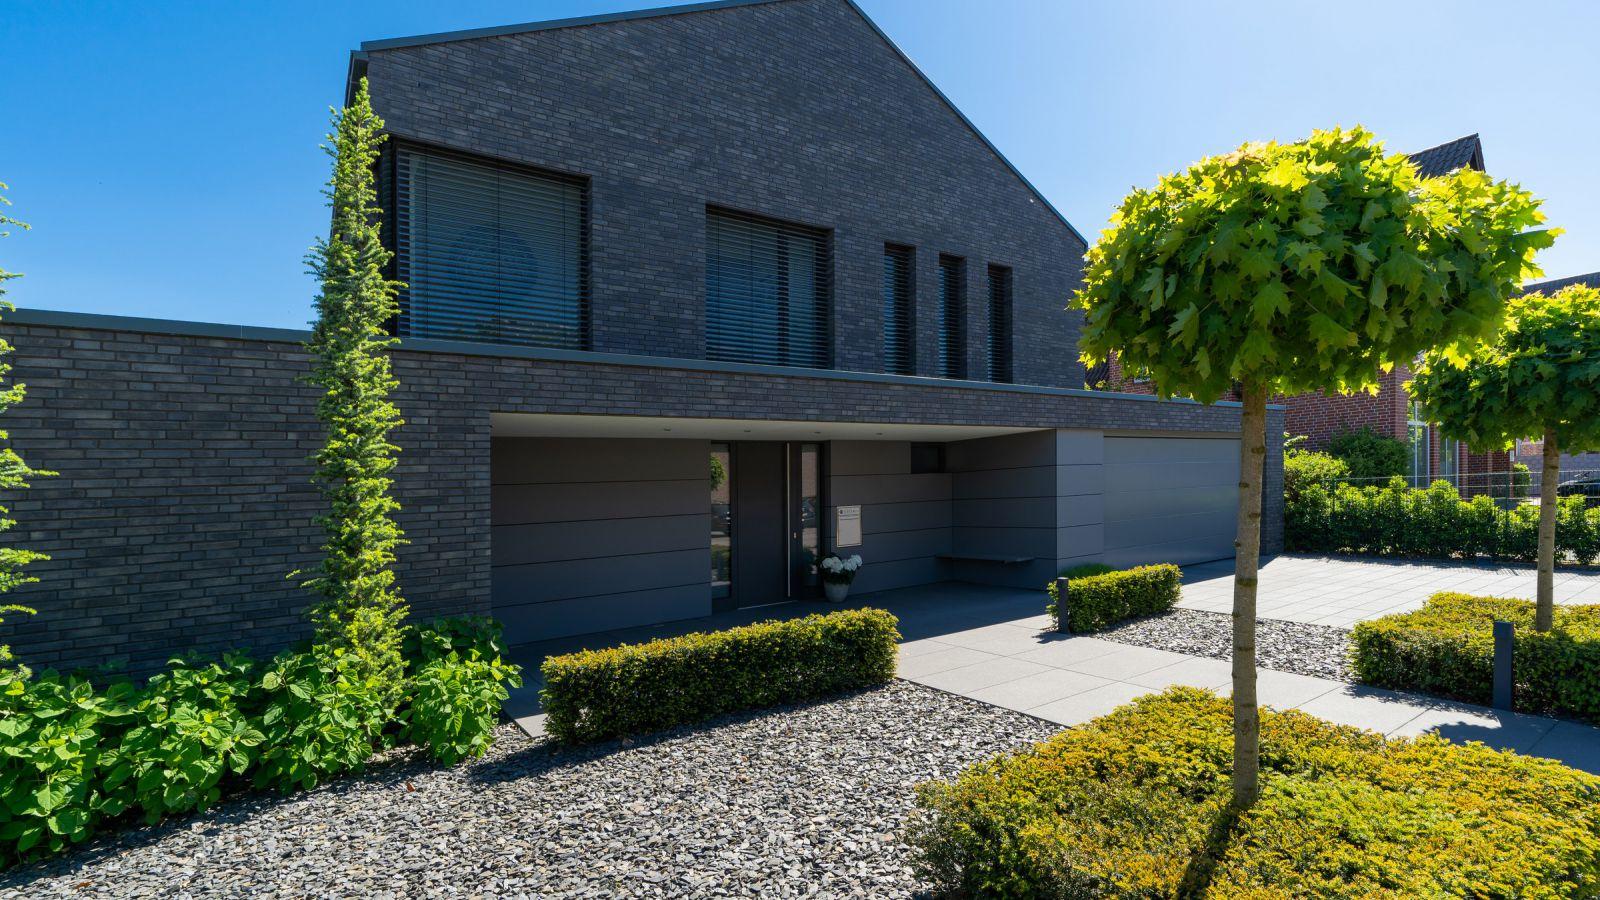 1.14 Ein Garten der Privatsphäre respektiert - Designgarten in Bocholt